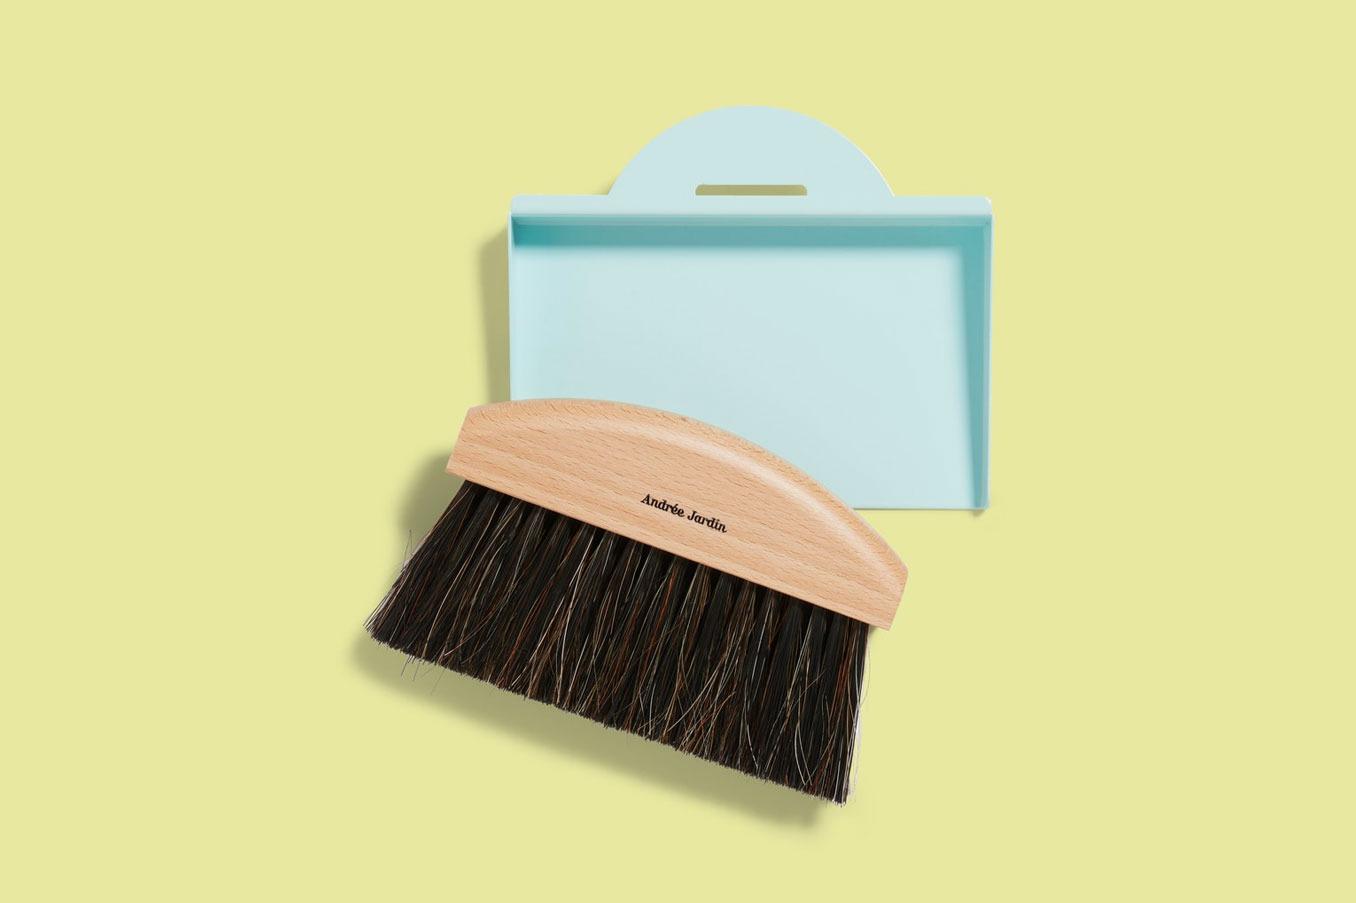 Andrée Jardin Mini Brush & Dustpan Set